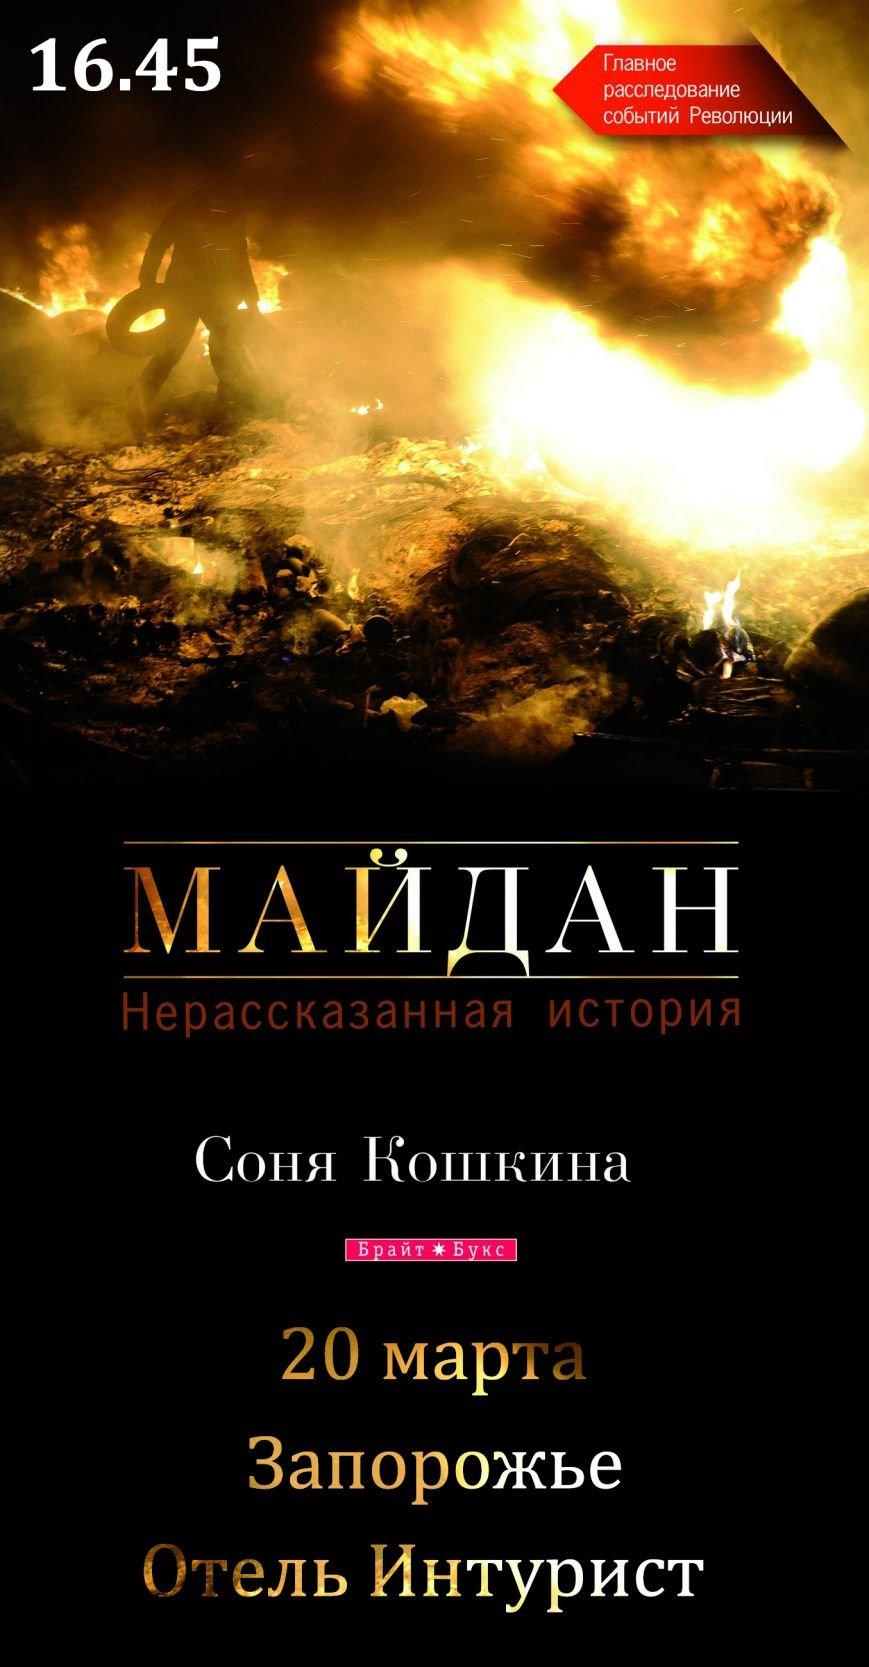 Запорожцев приглашают на презентацию книги «Майдан. Нерассказанная история» (фото) - фото 1